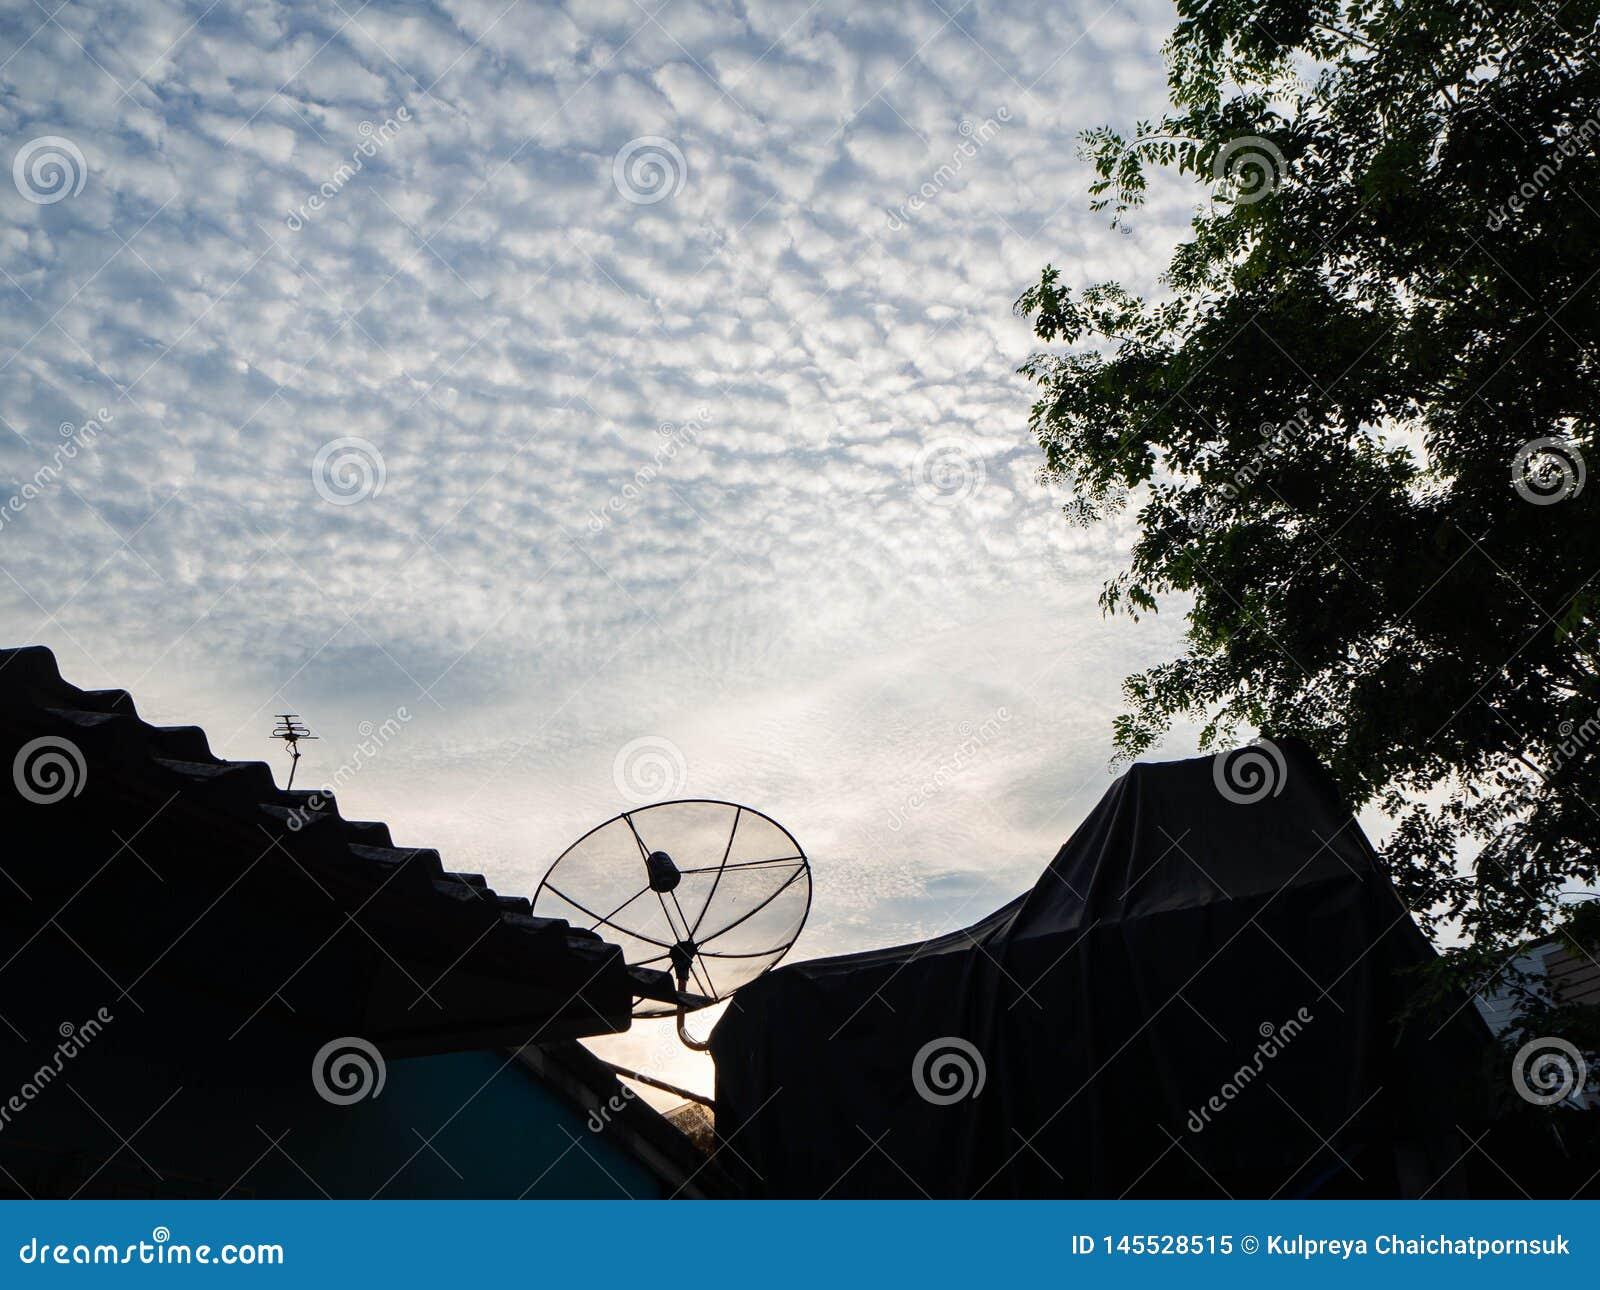 ฺBlue sky cloud garden home,thailand